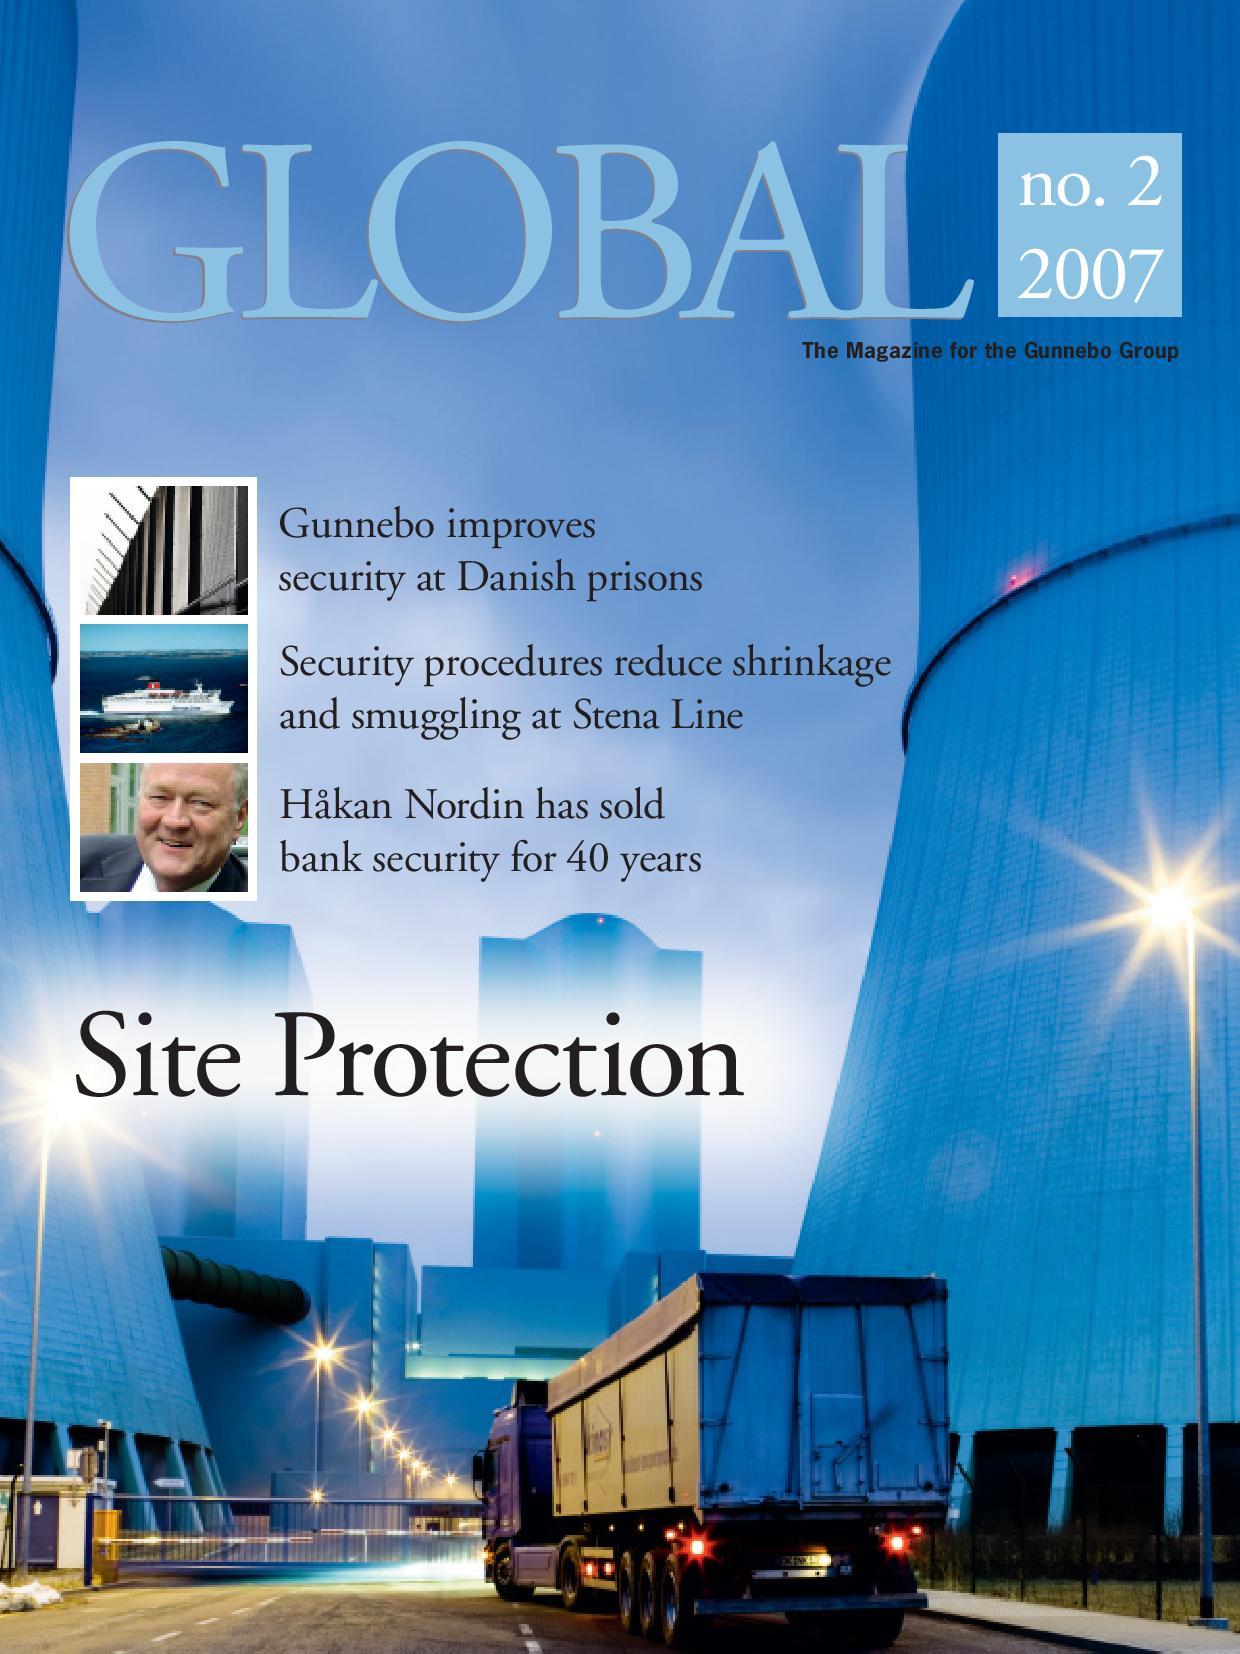 Global-2007-02-GB